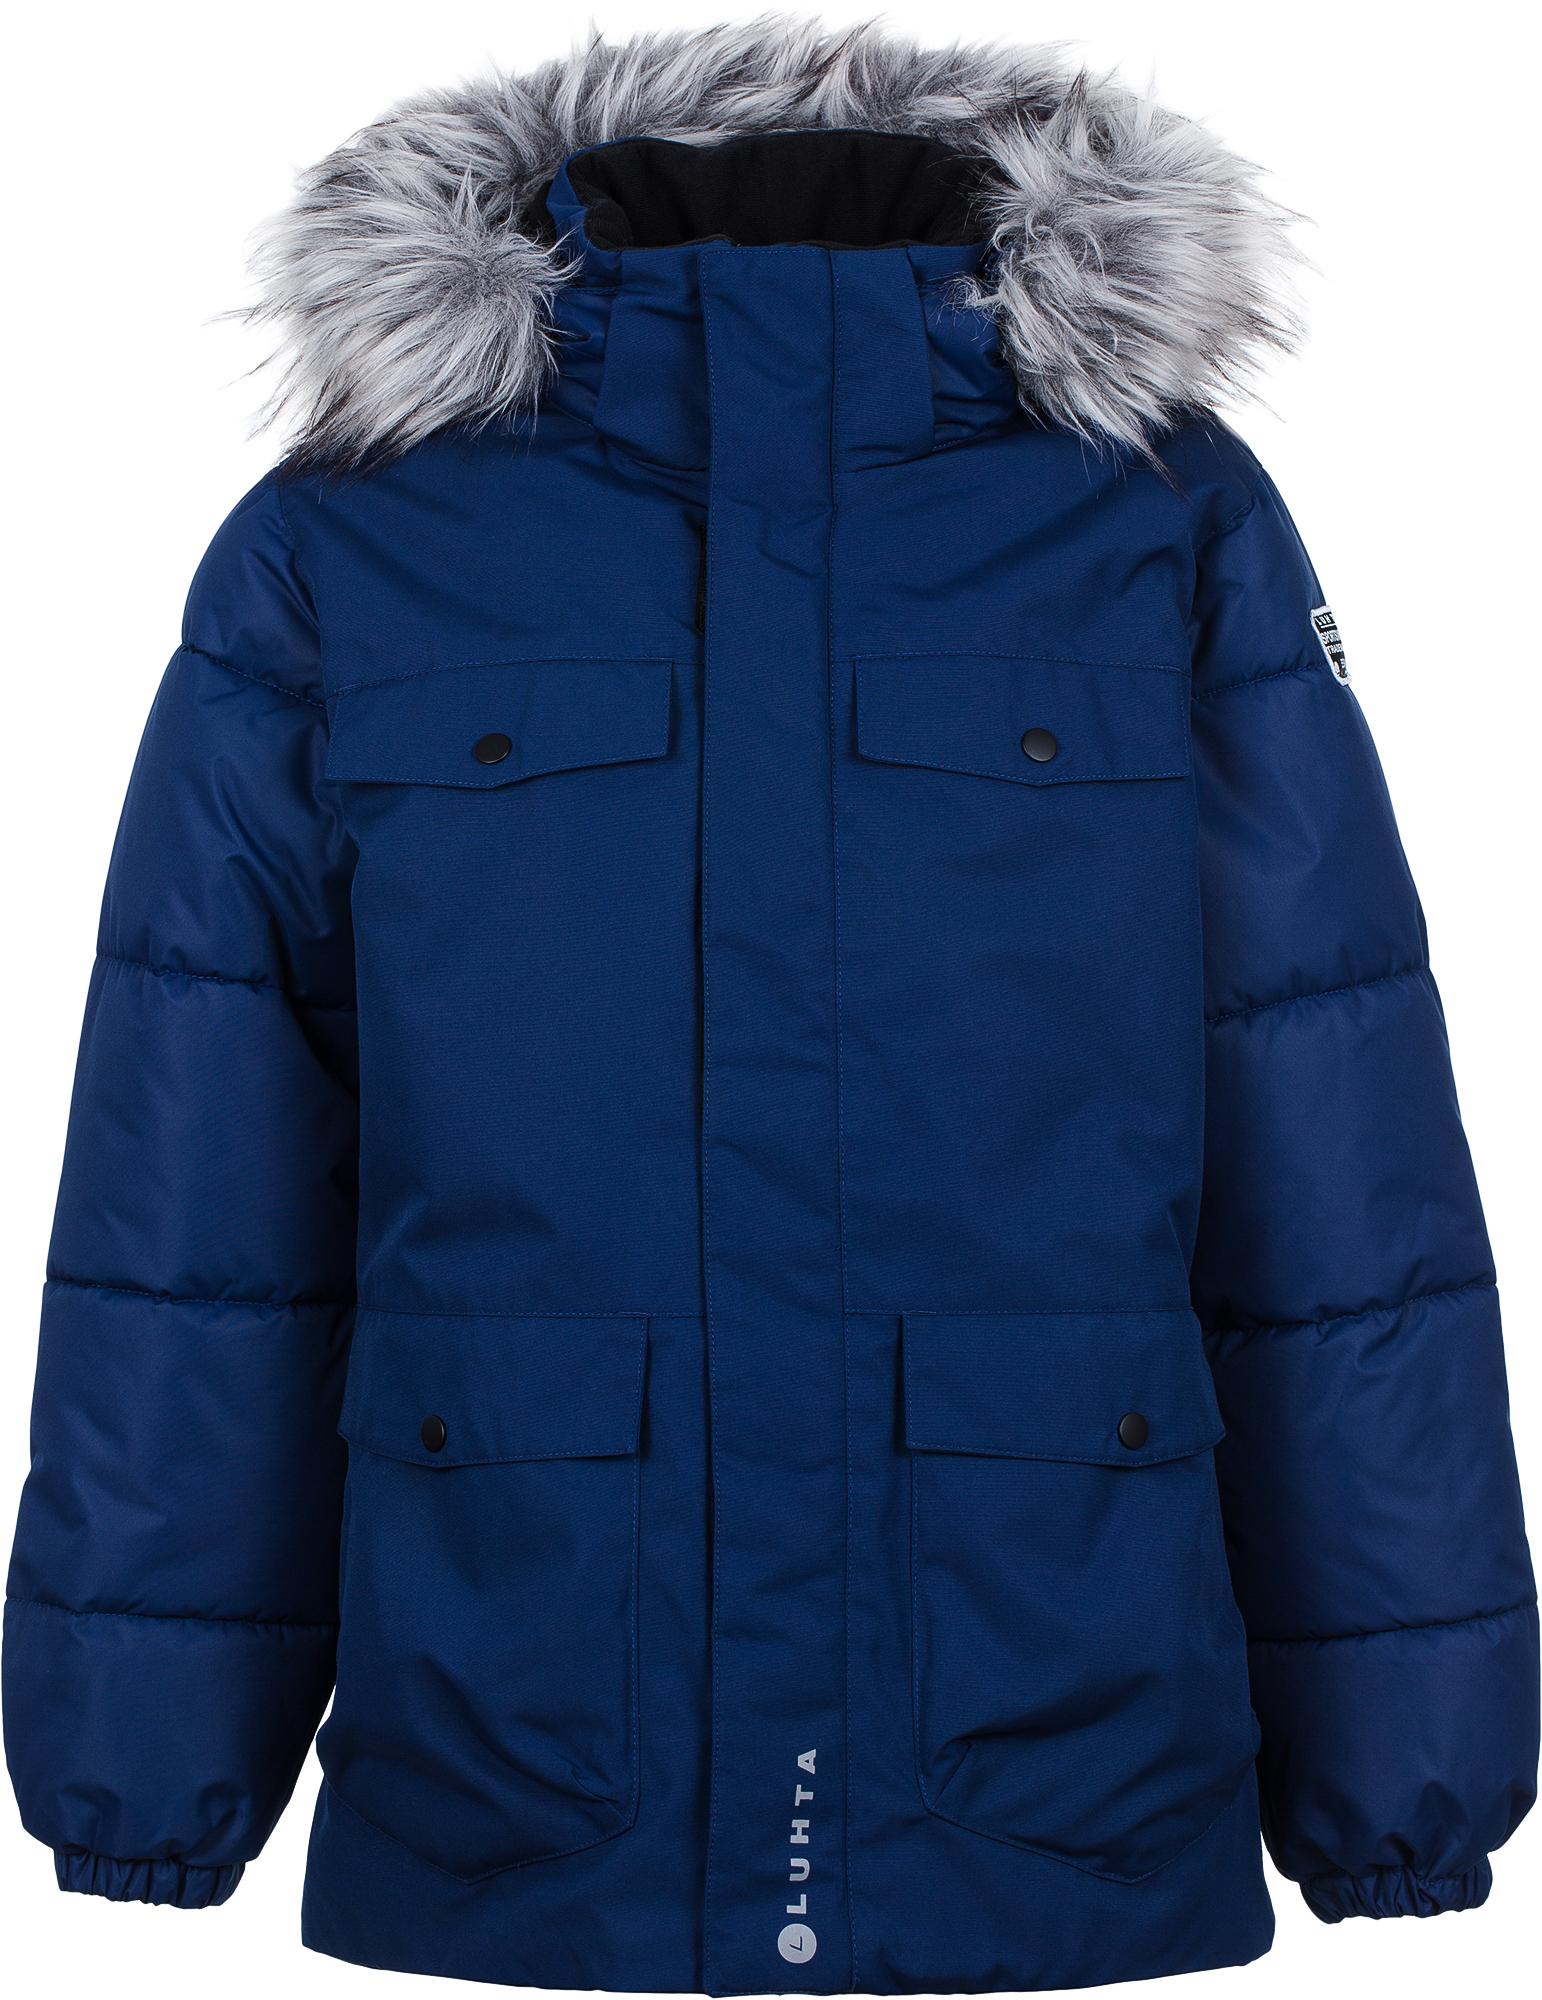 Luhta Куртка утепленная для мальчиков Luhta Lahis, размер 146 luhta куртка утепленная женская luhta petre размер 52